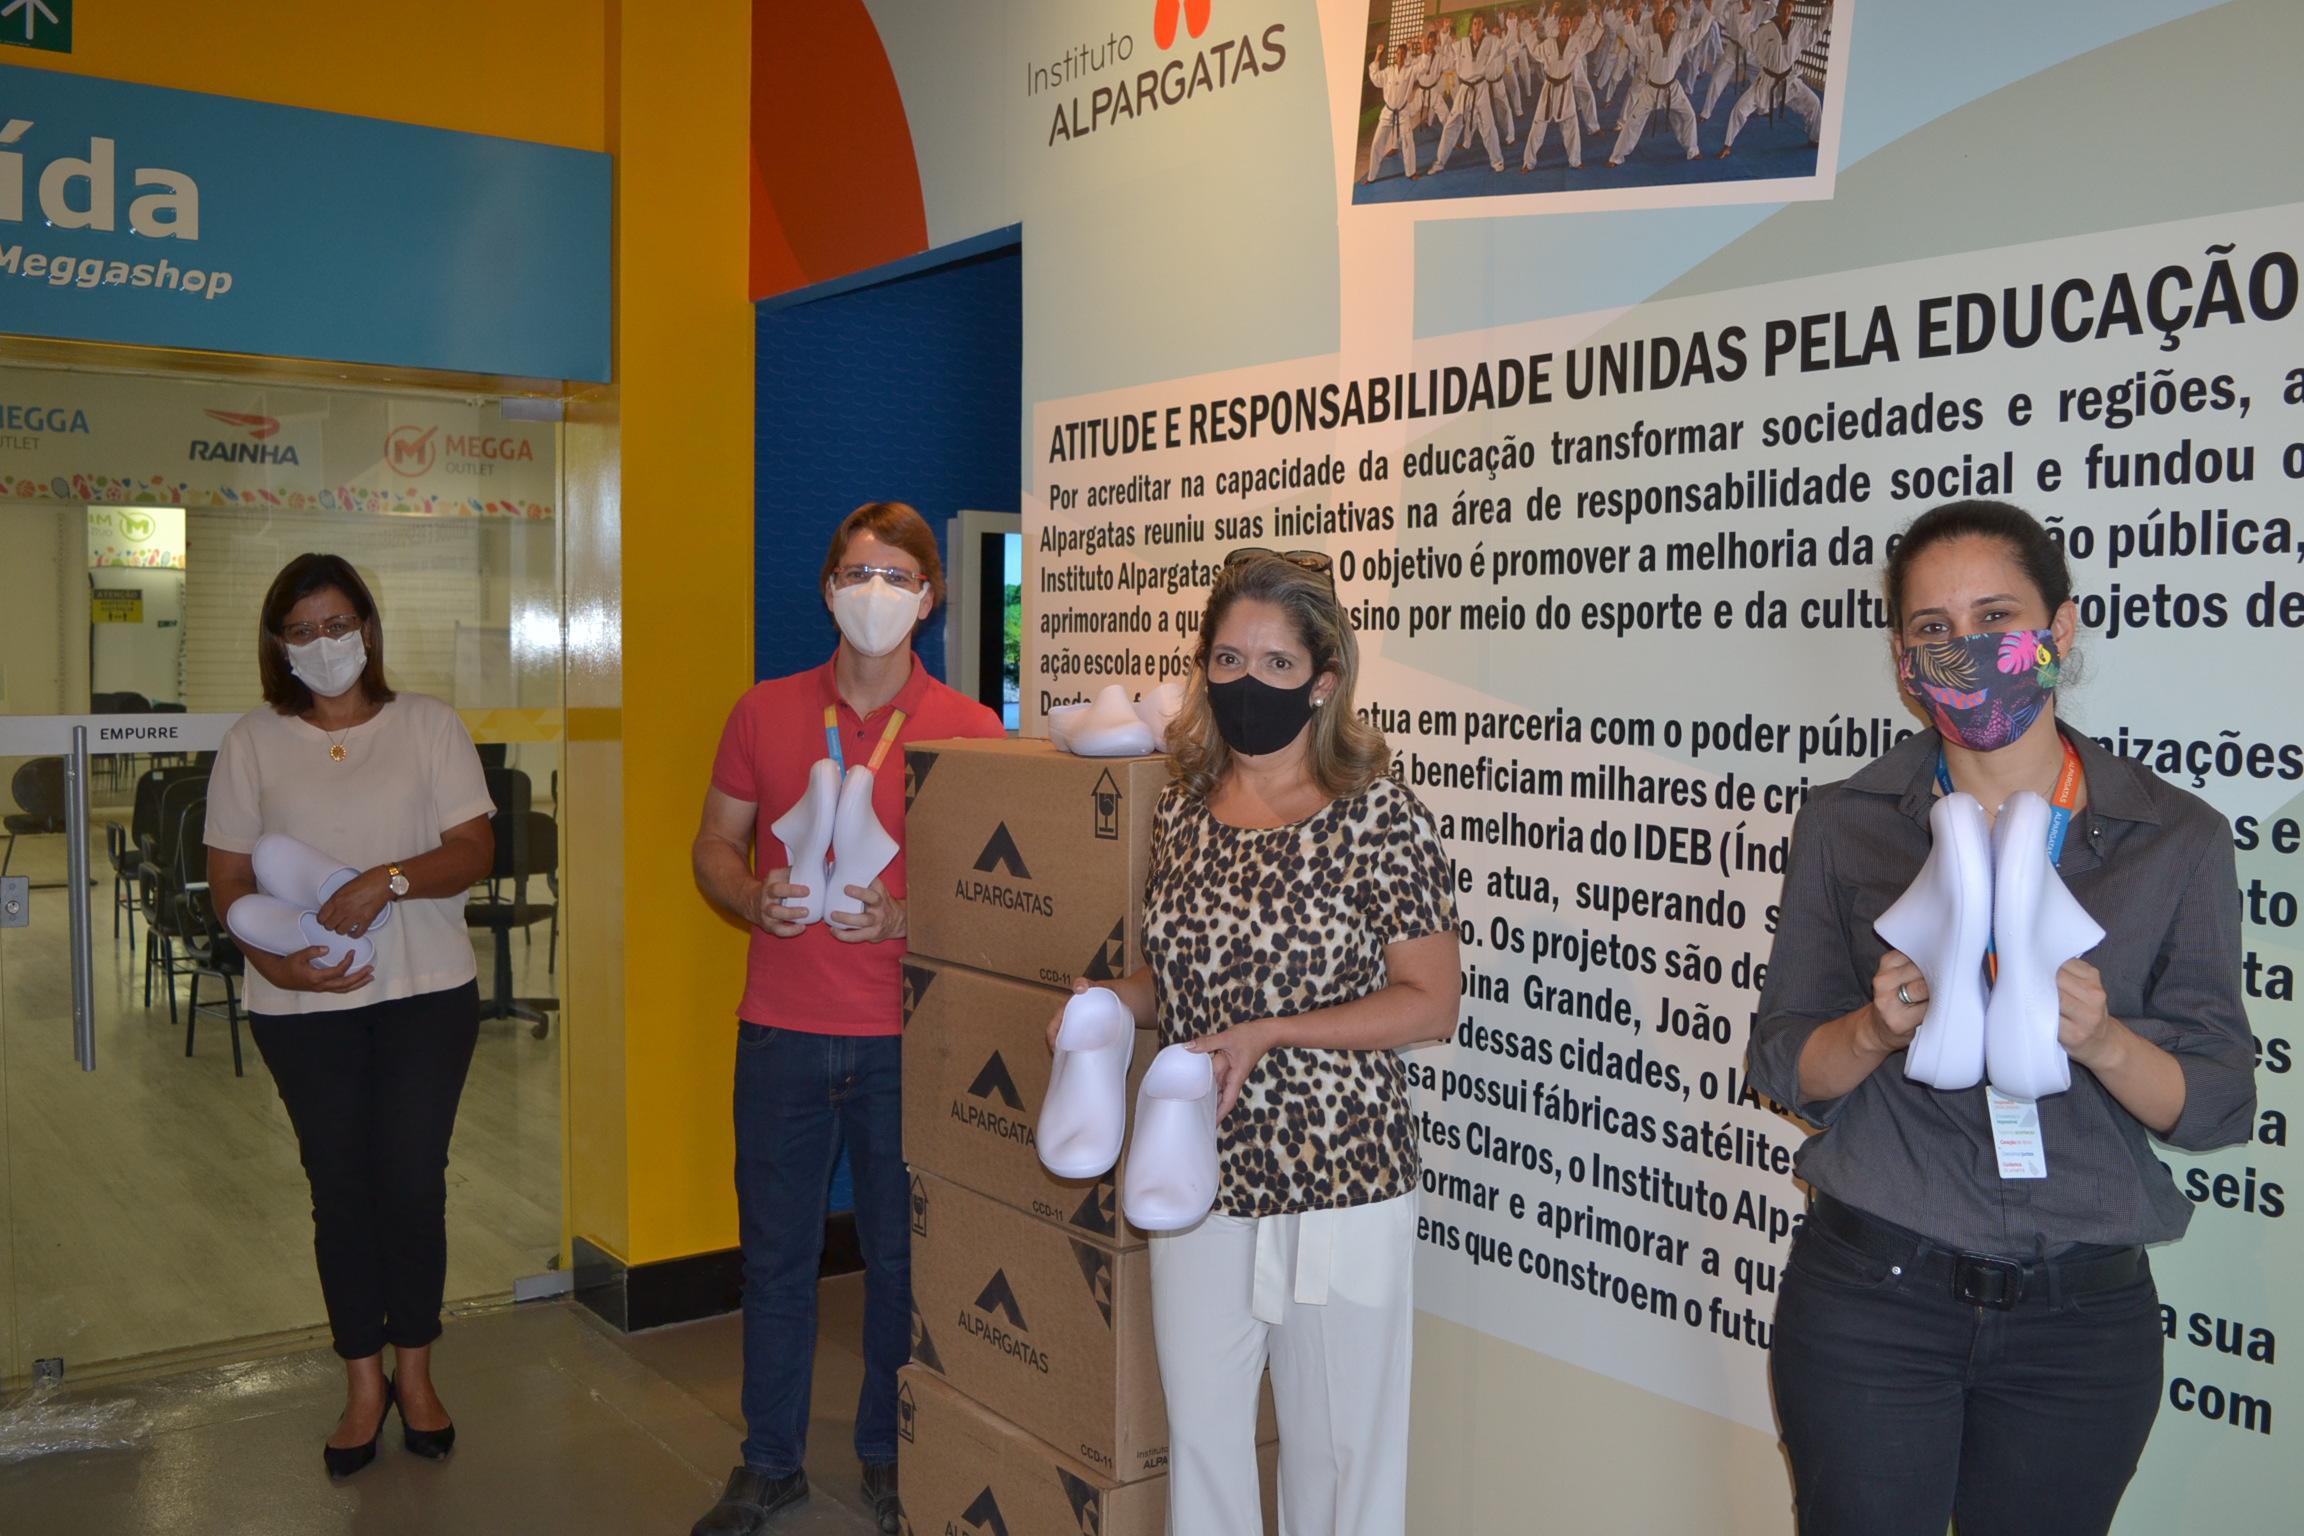 Imagem de destaque COVID-19 - Instituto Alpargatas doa calçados para profissionais da linha de frente